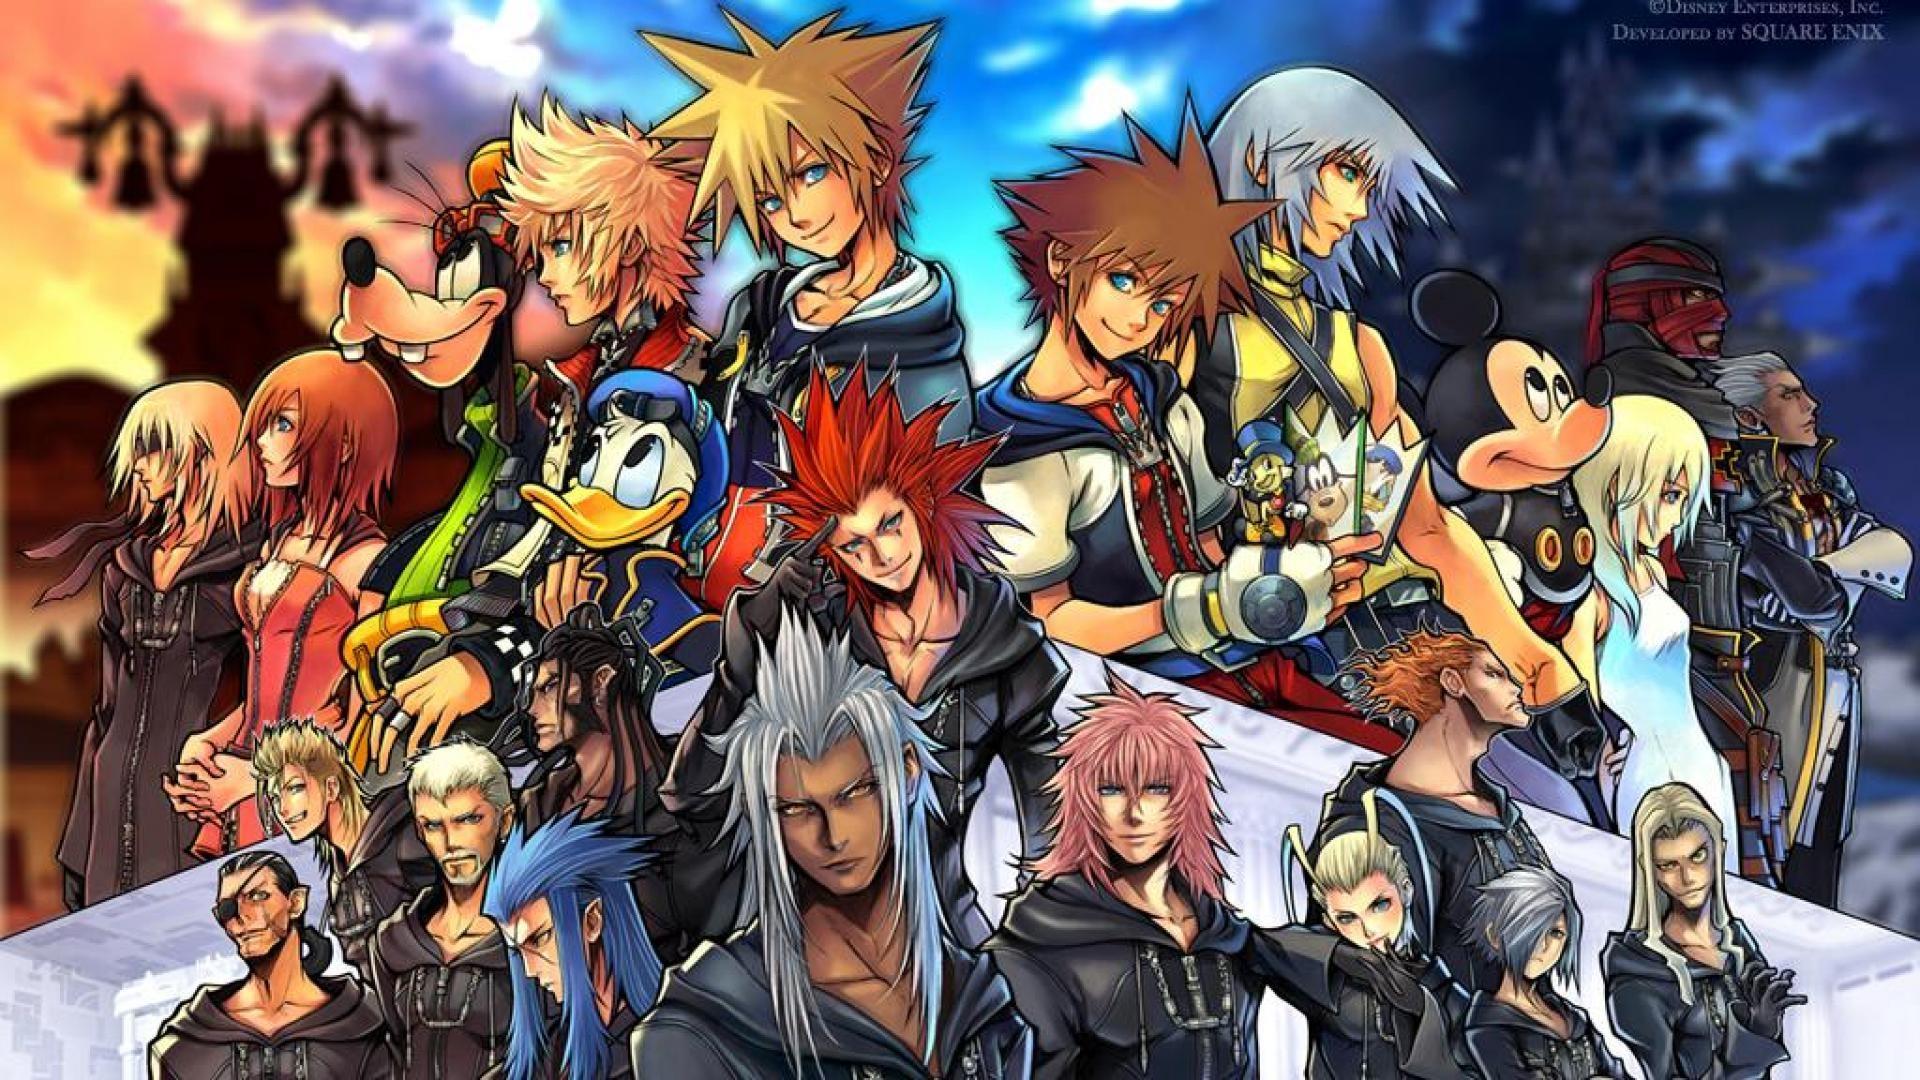 Kingdom Hearts Hd Wallpaper 67 Images